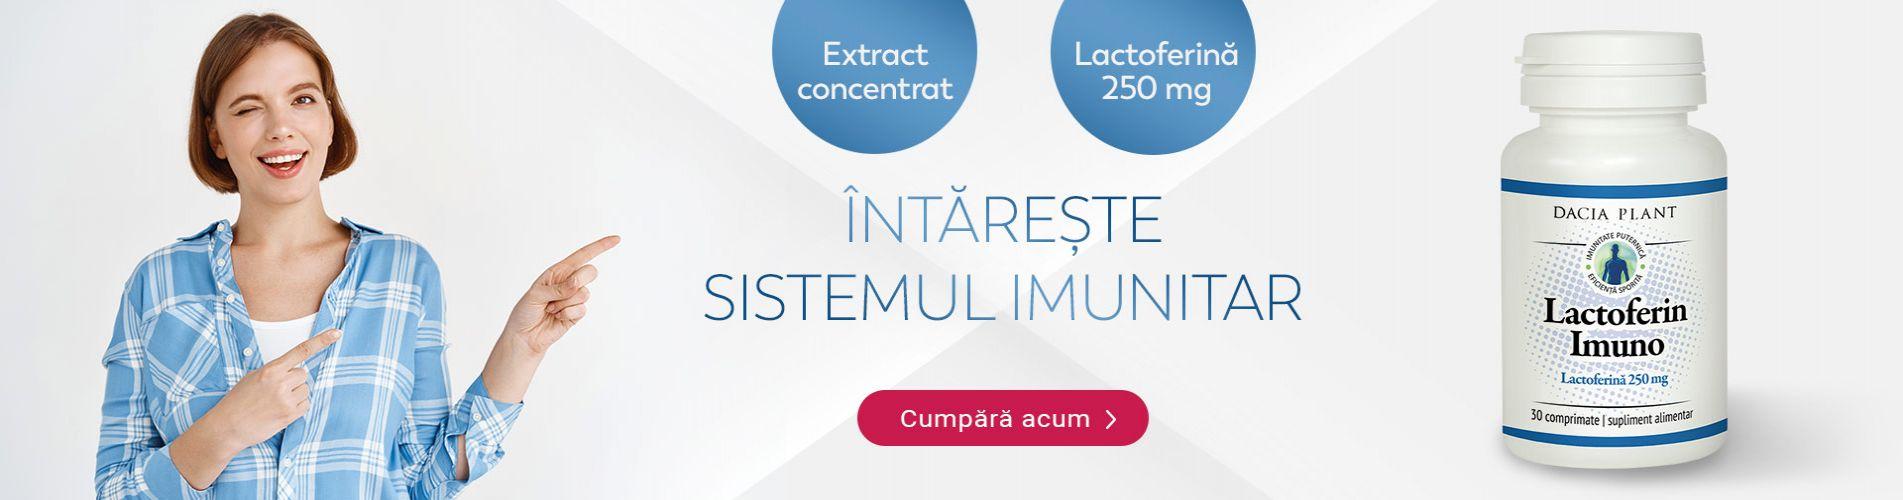 /lactoferin-imuno-30cpr.html